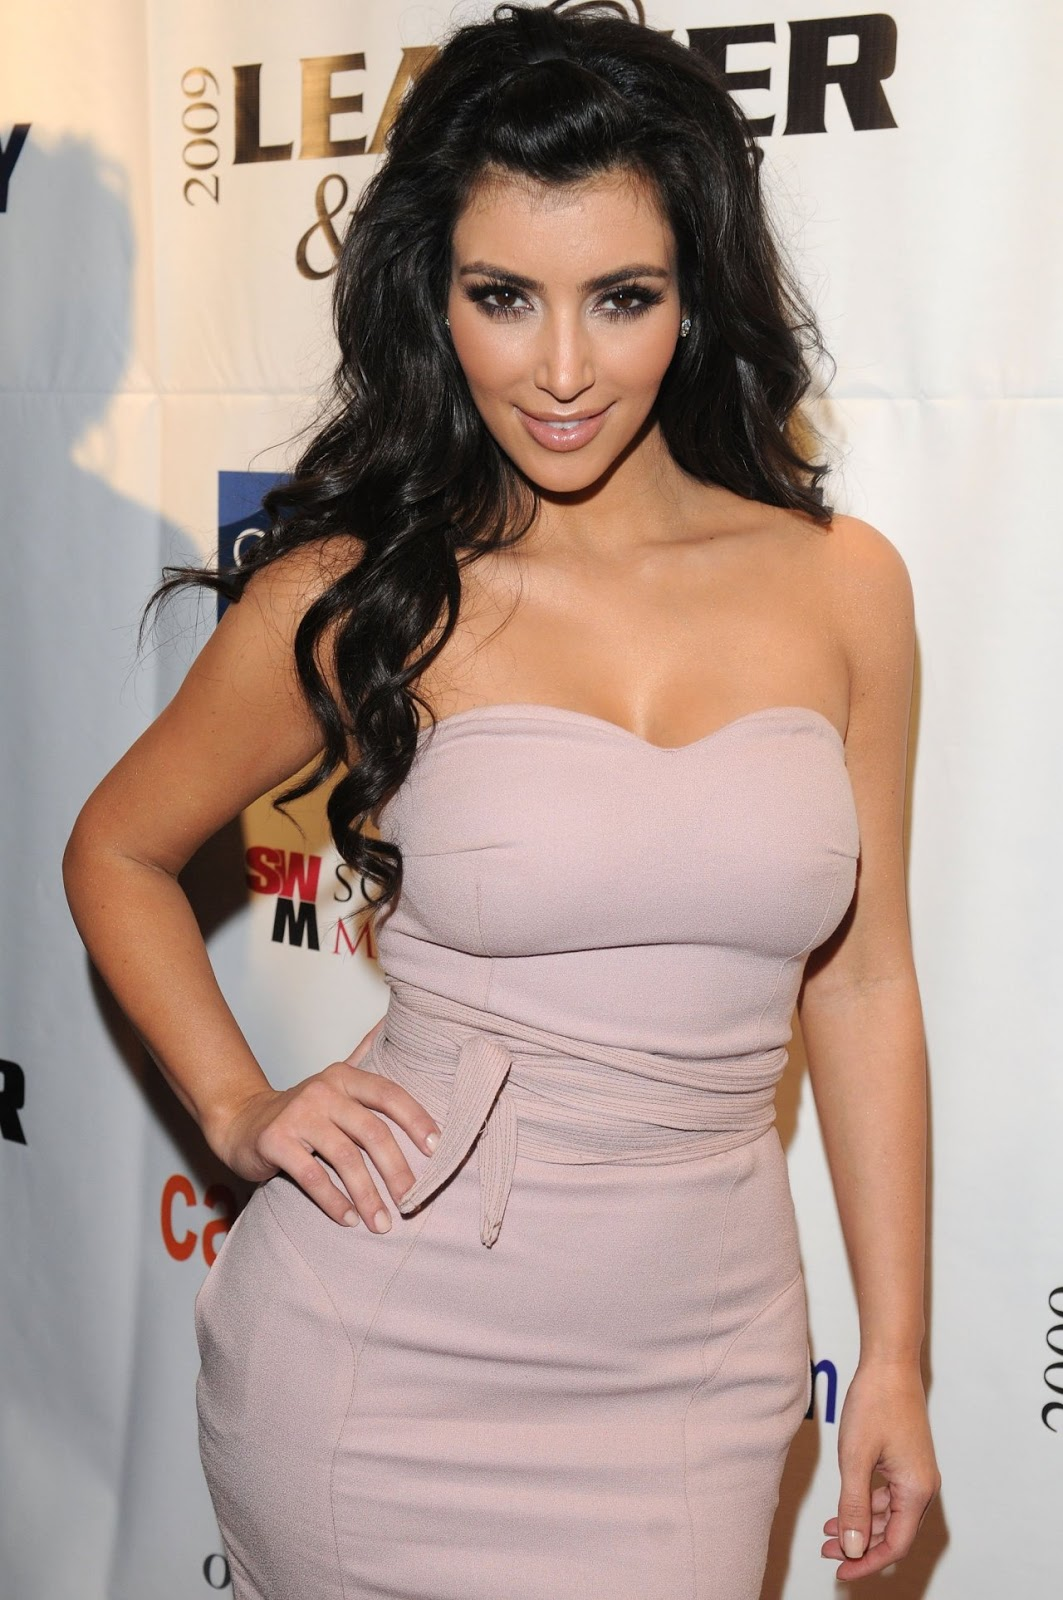 http://4.bp.blogspot.com/-n3izxkOhLzI/ULZAk3aLAaI/AAAAAAAABlc/fExuOz73s98/s1600/kim_kardashian.jpg